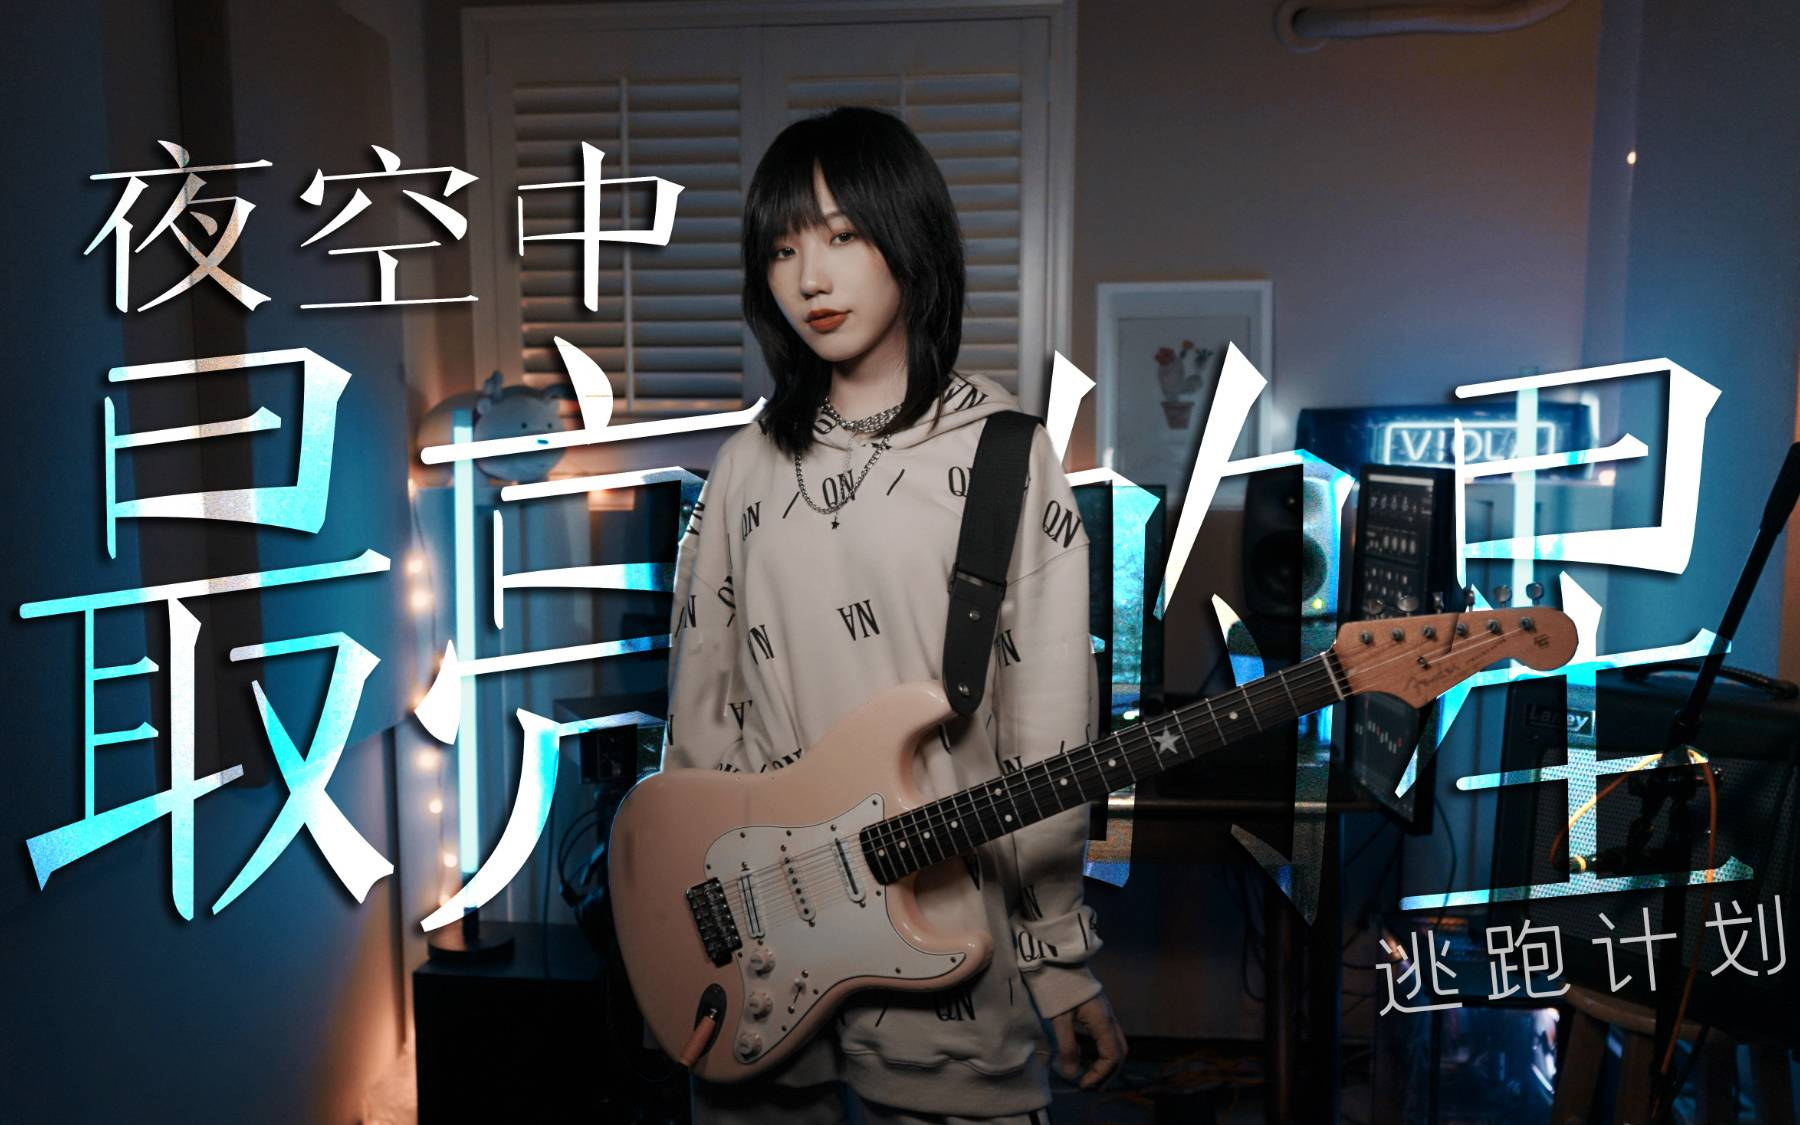 走心弹唱/电吉他solo:《夜空中最亮的星》- 逃跑计划,请照亮我前行…(Cover)